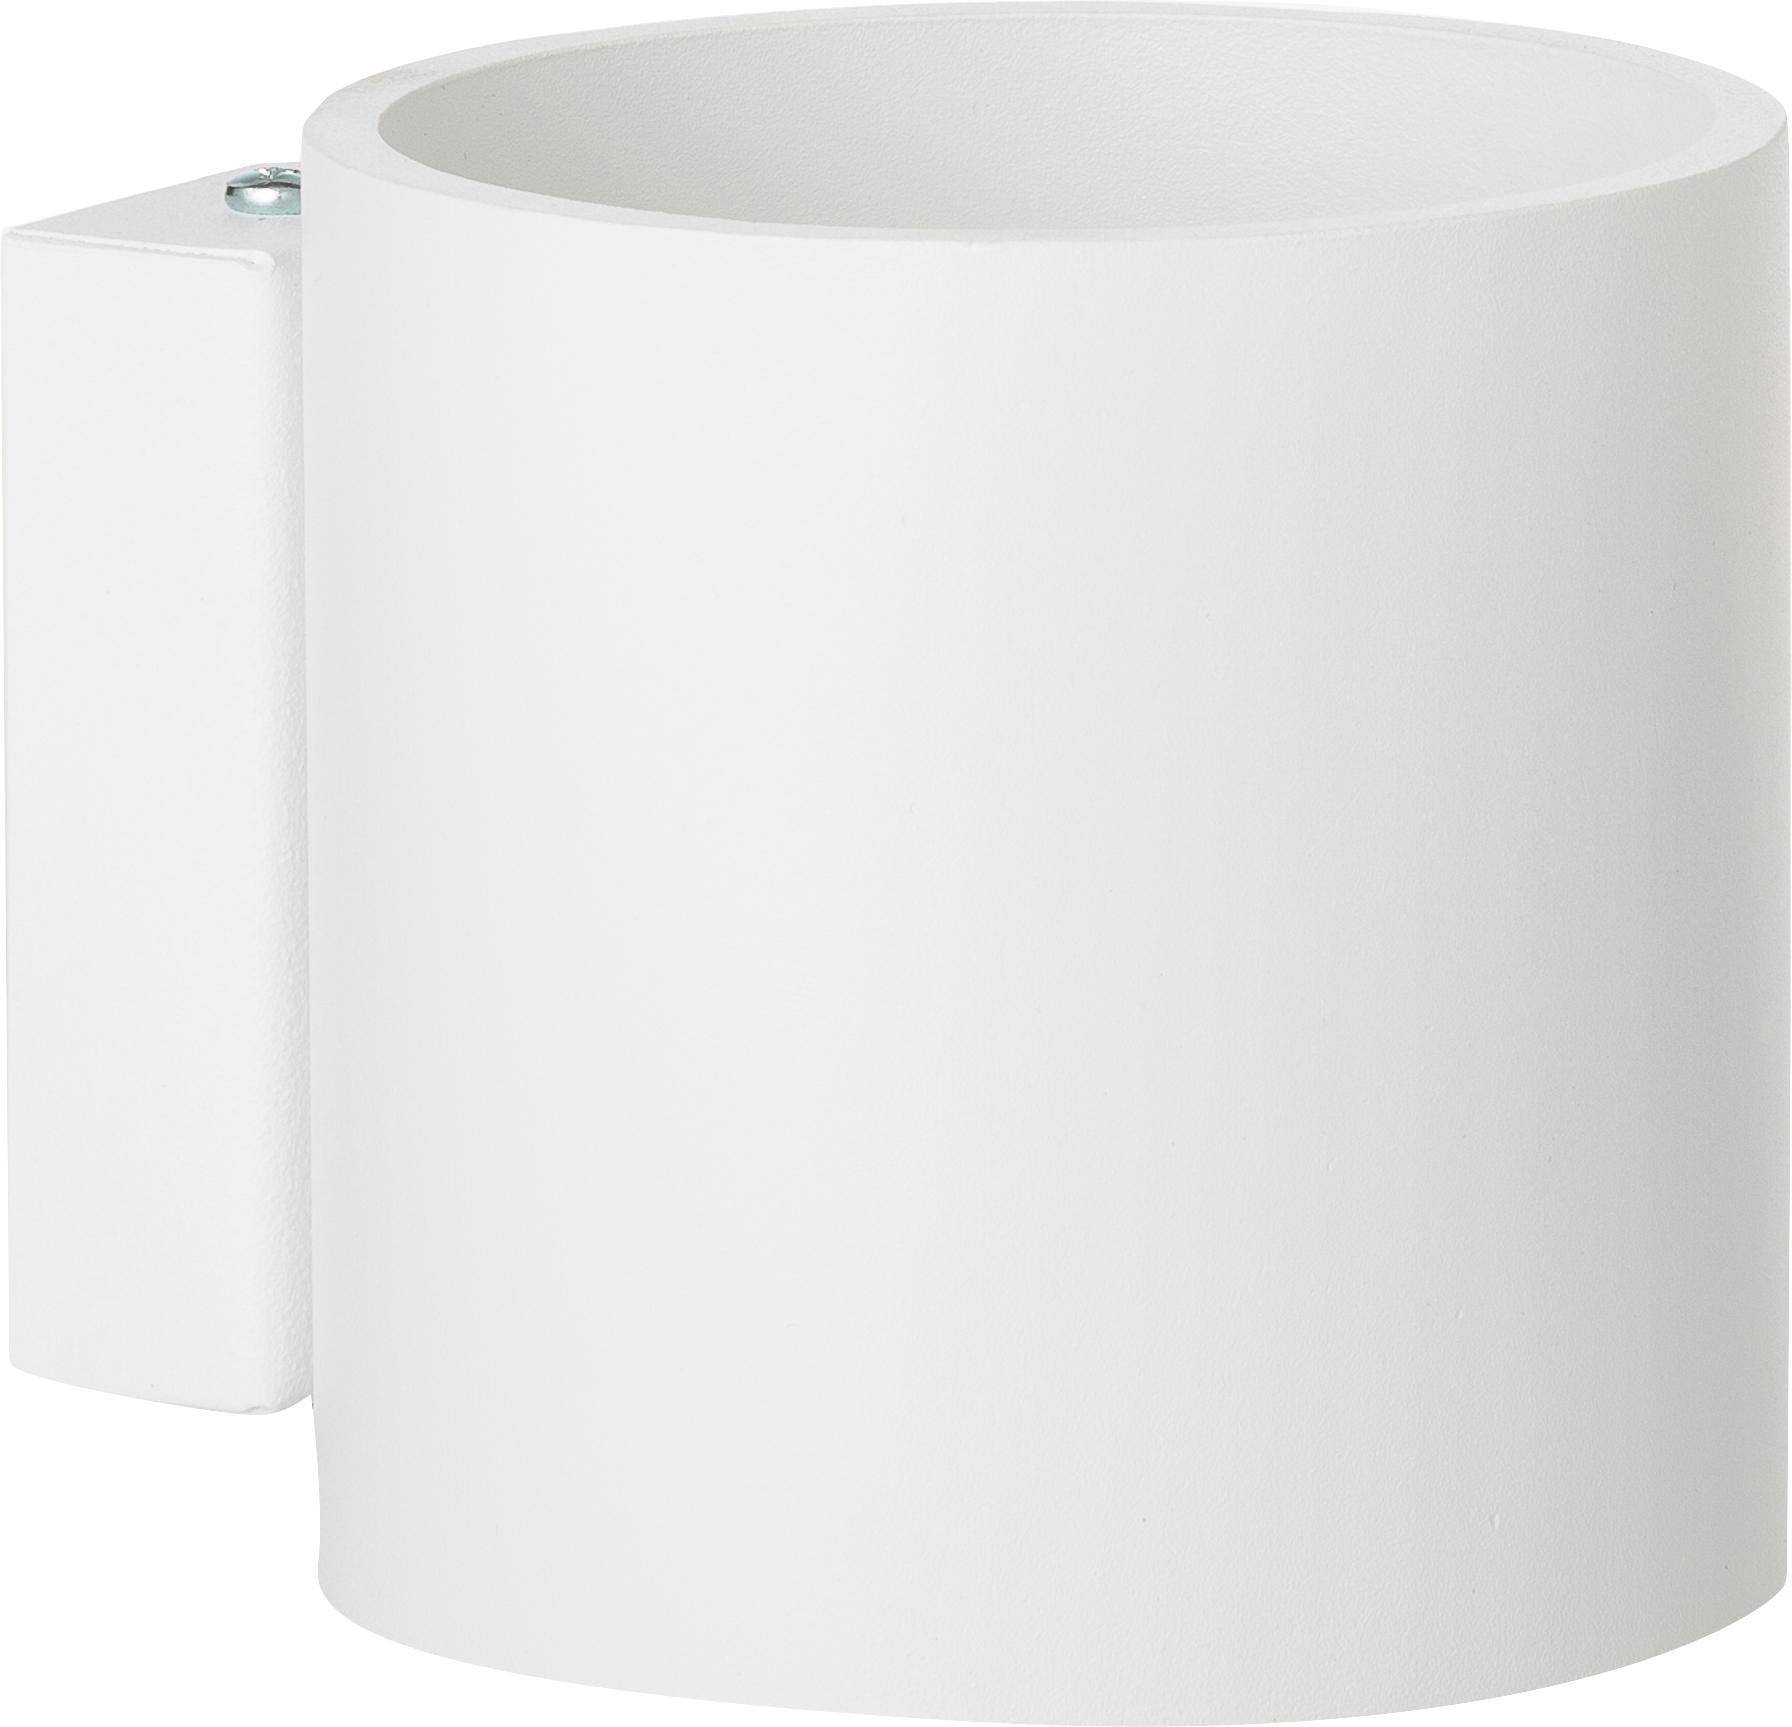 Wandleuchte Roda in Weiß, Aluminium, pulverbeschichtet, Weiß, 10 x 10 cm